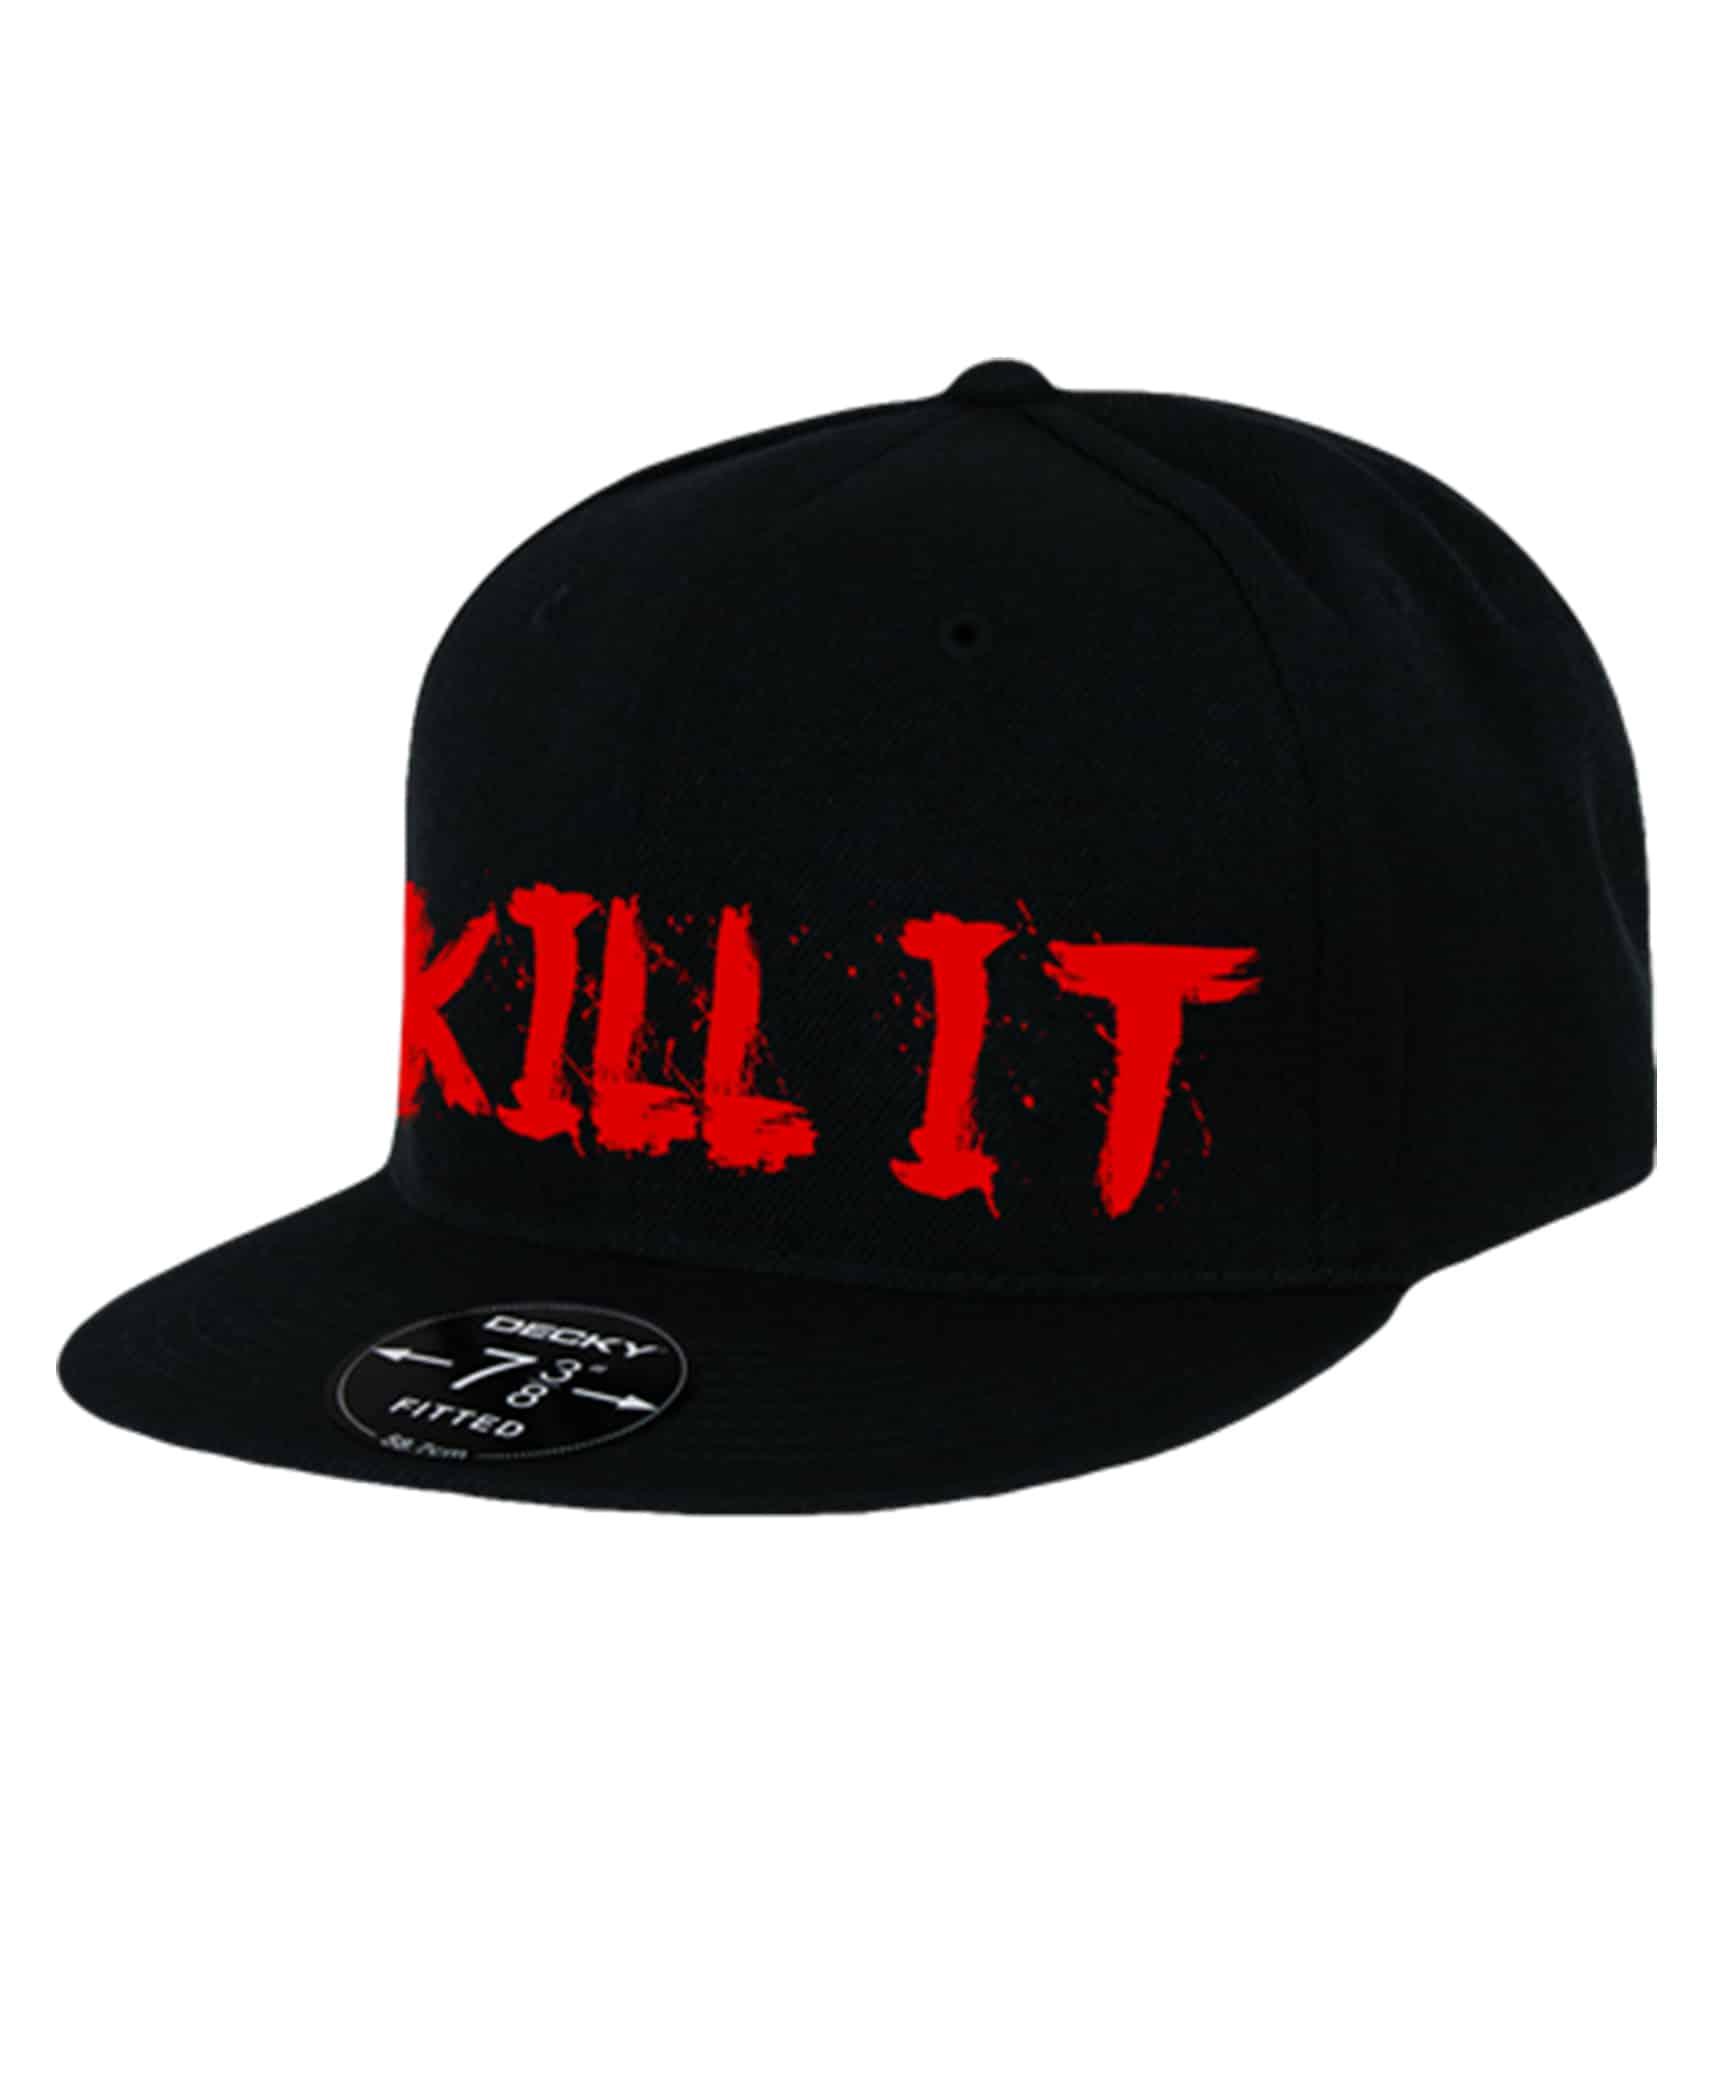 5% - KILL IT Šiltovka, čierna - červený nápis